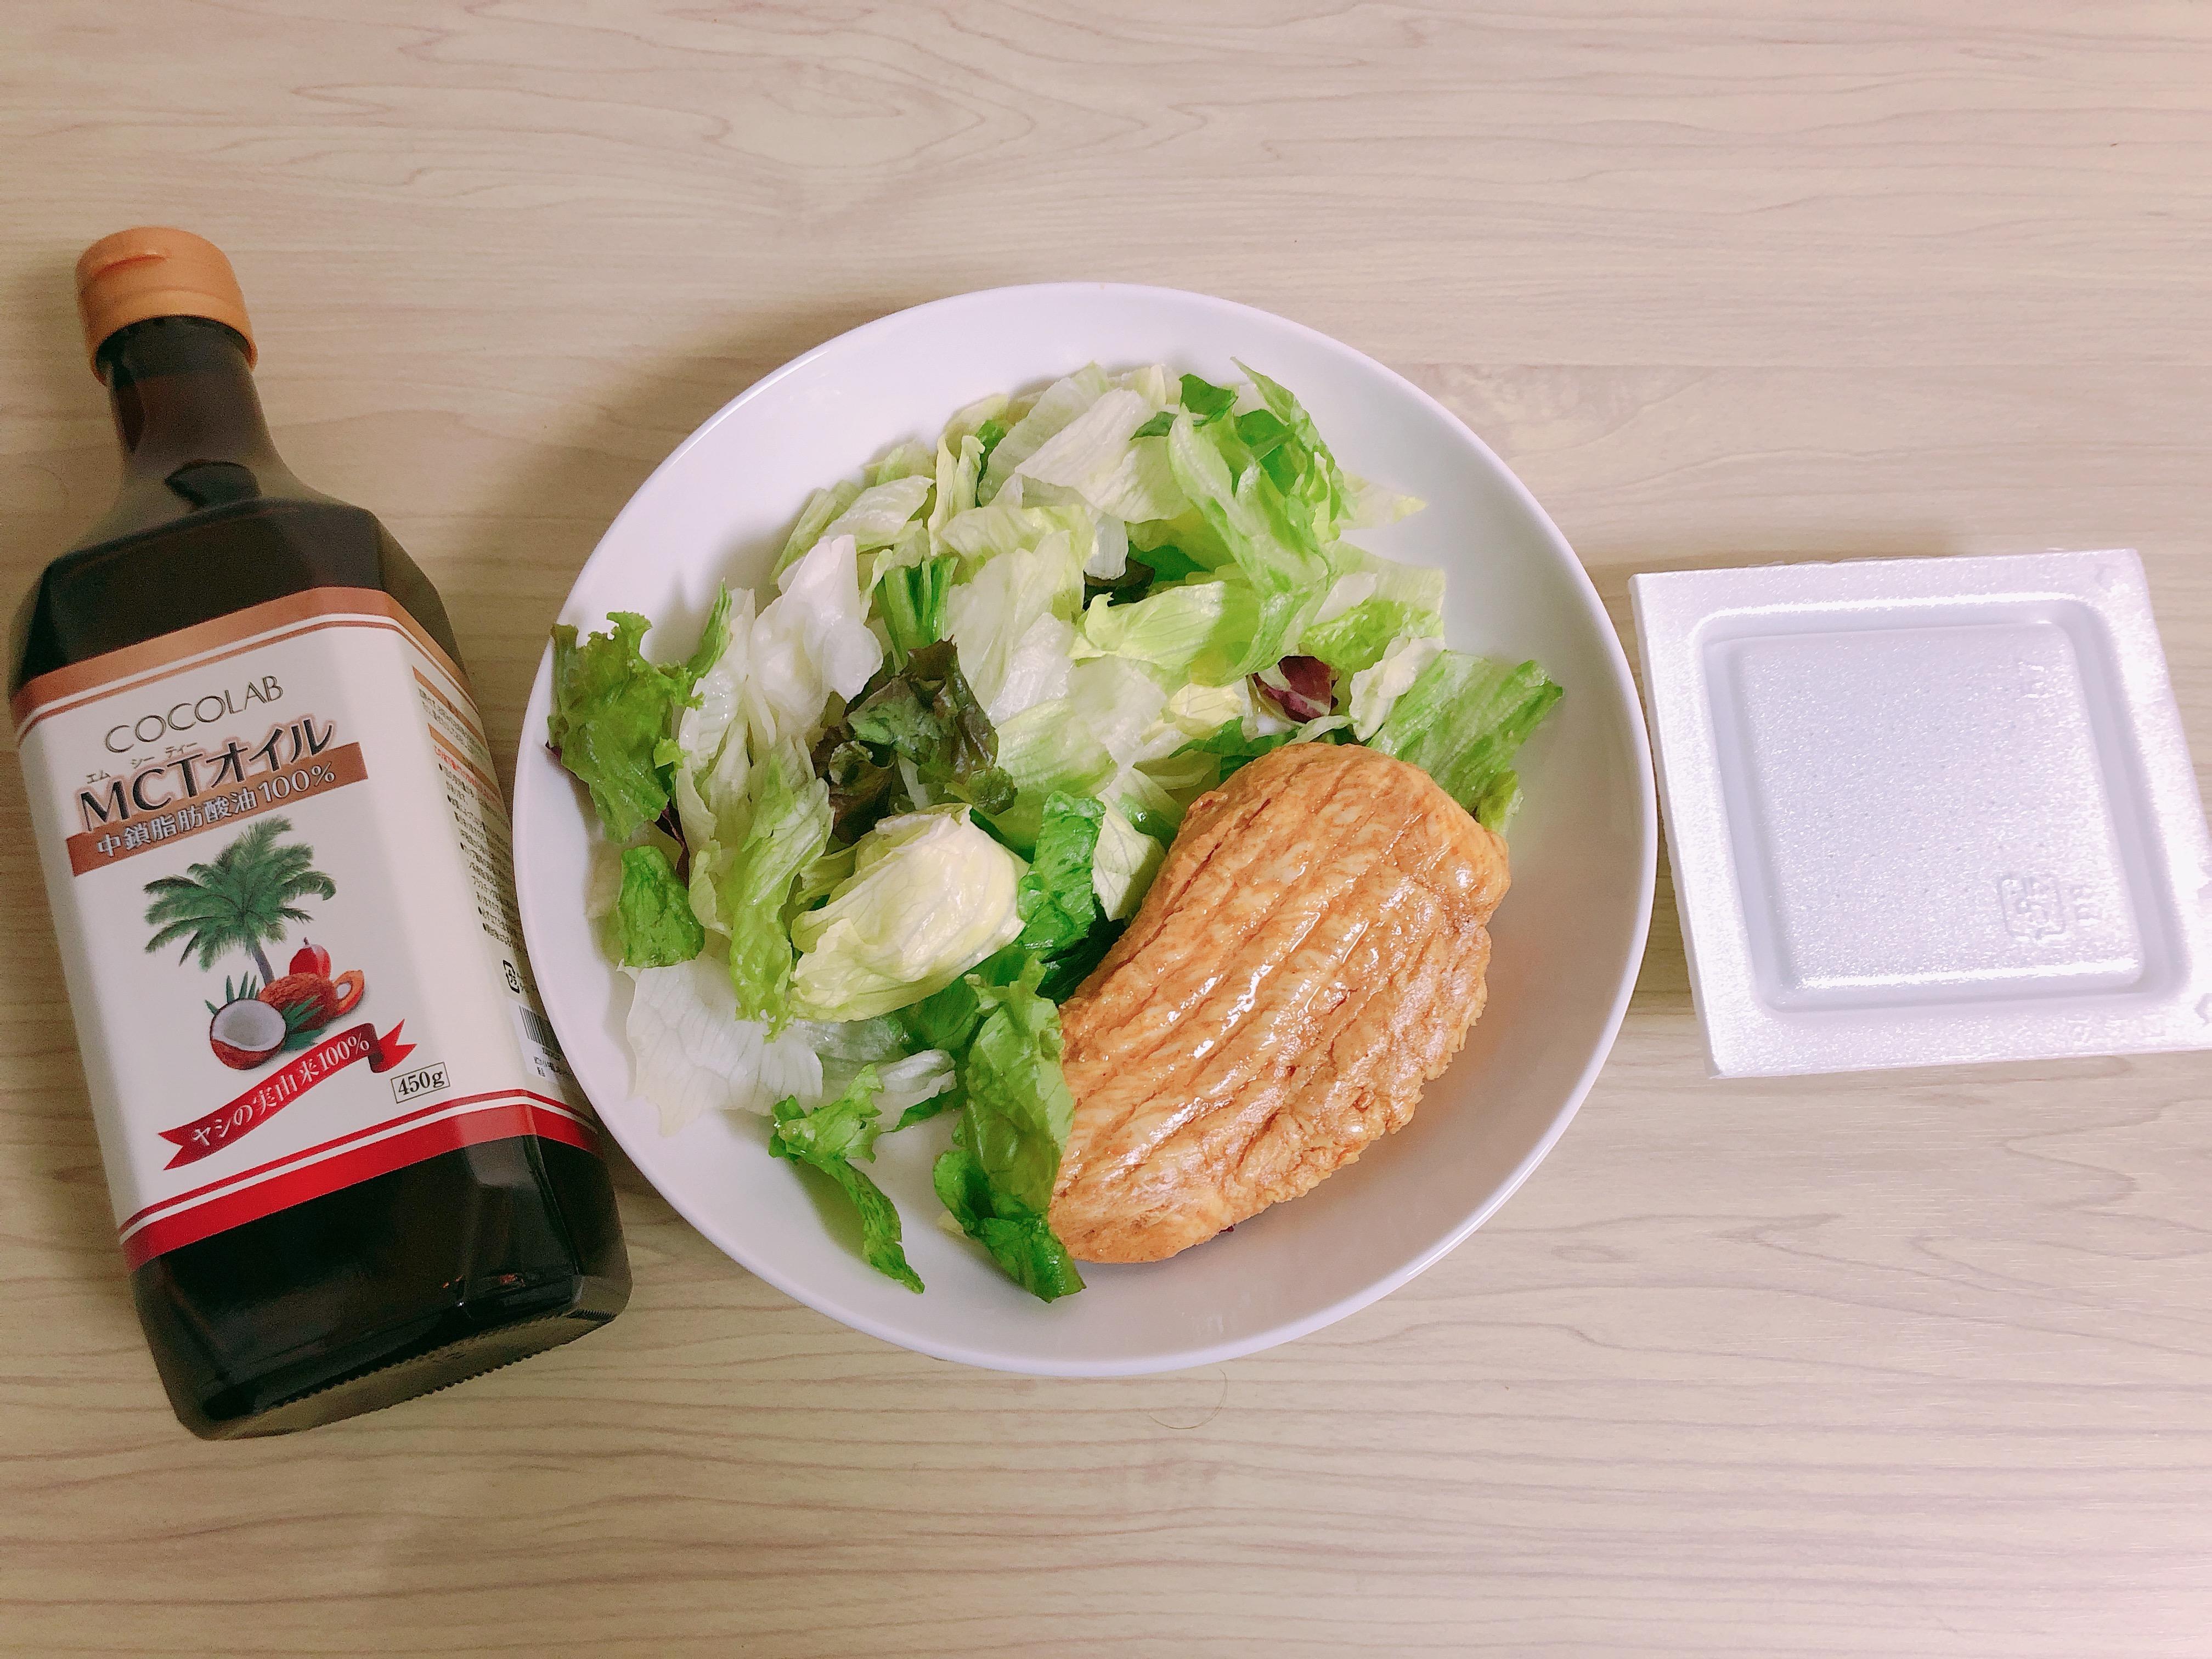 ライザップ28日目の食事。MCTオイルを取り入れる。良質な油は重要!